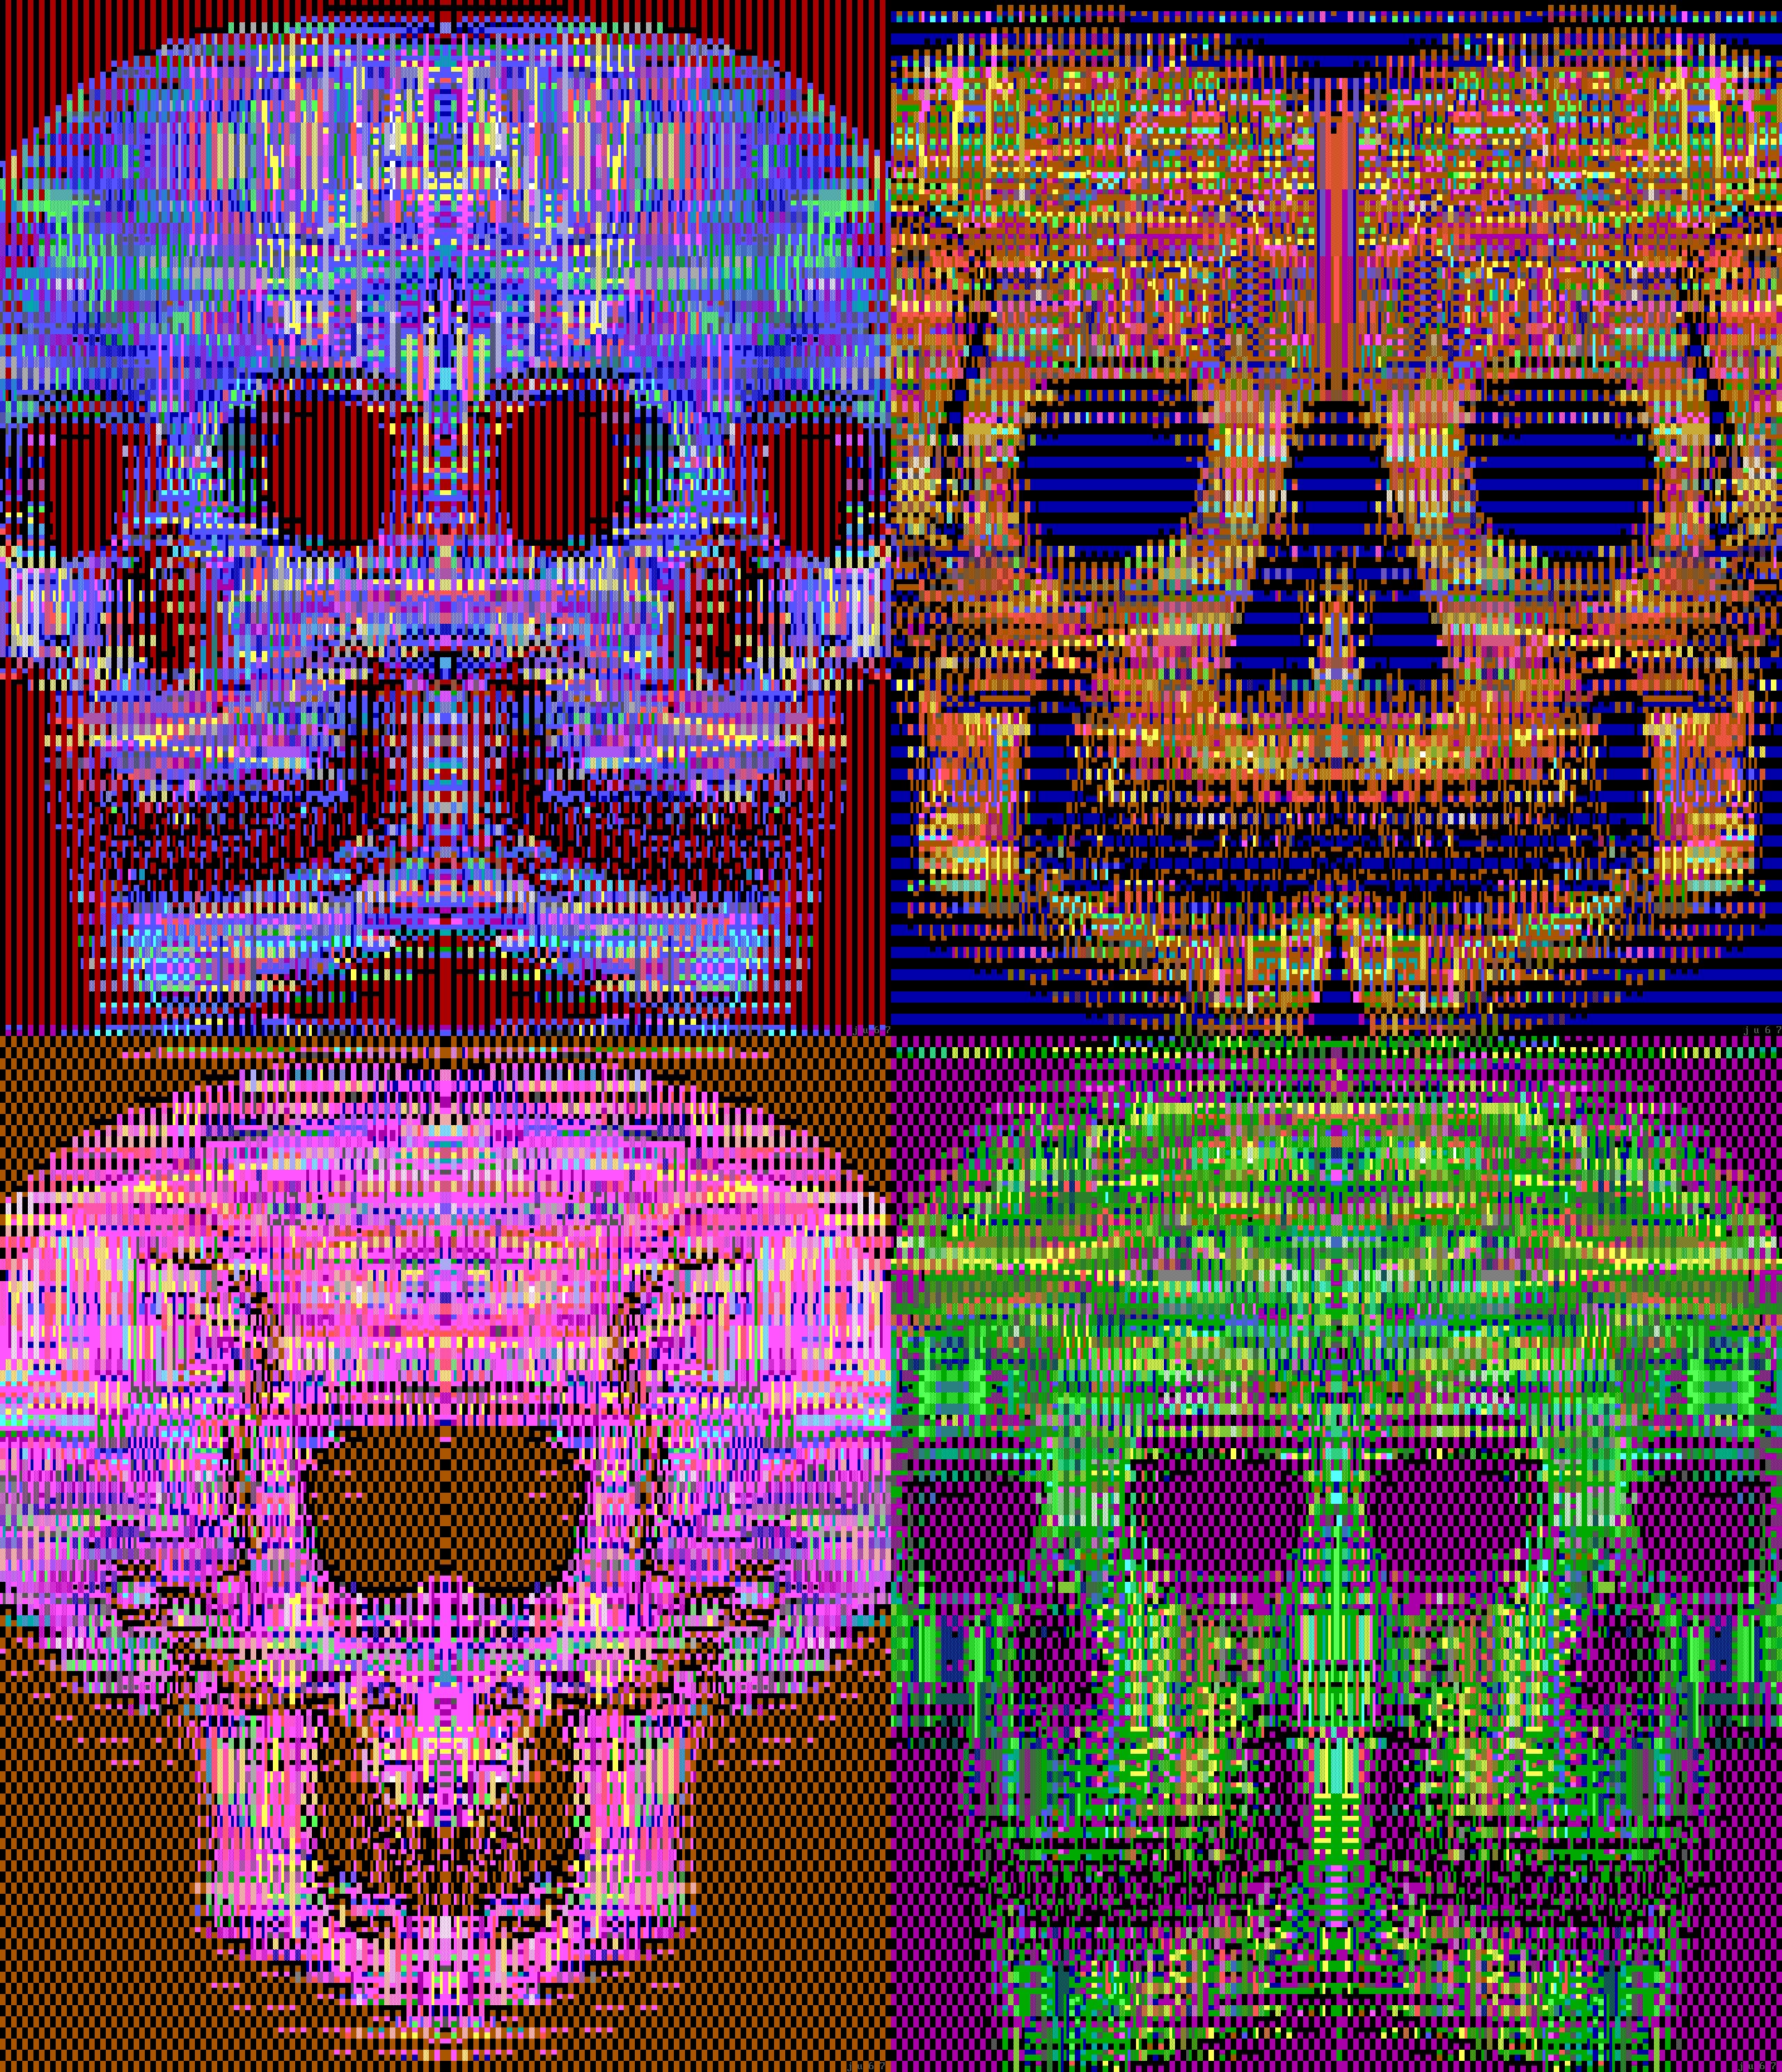 skulls, skull, red skull, green skull, print, pattern, mosaic